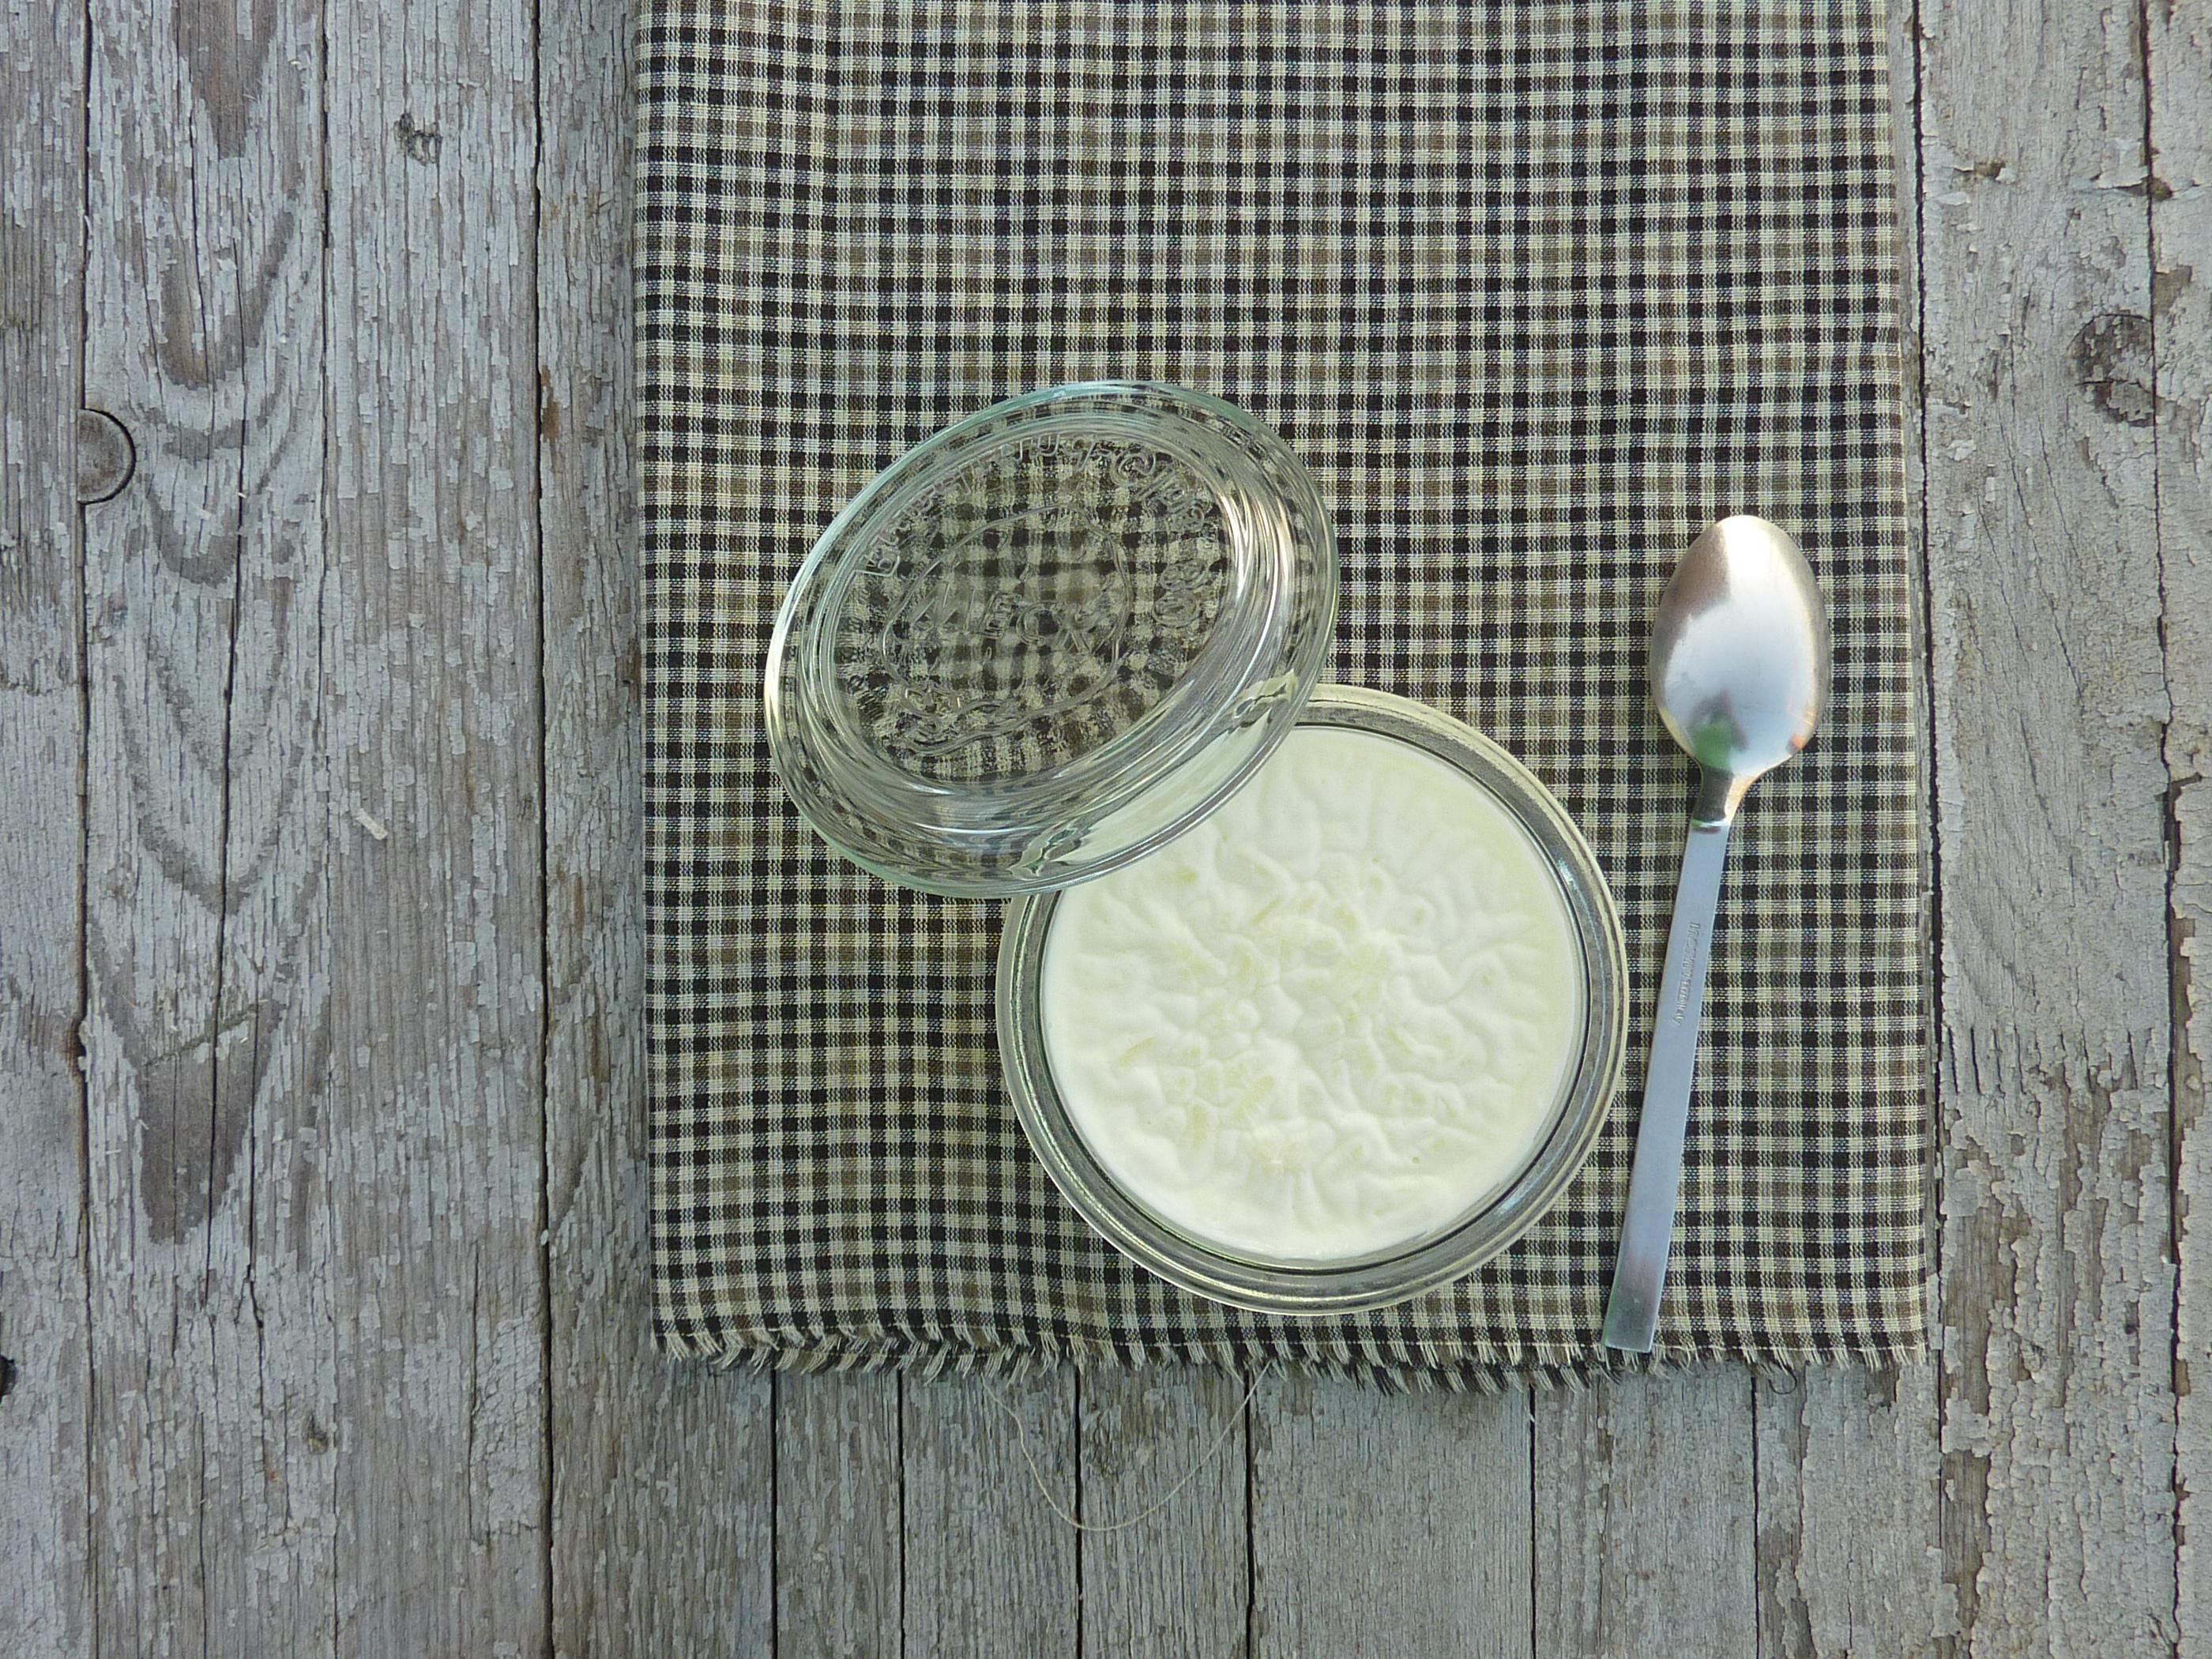 Arròs amb llet 2